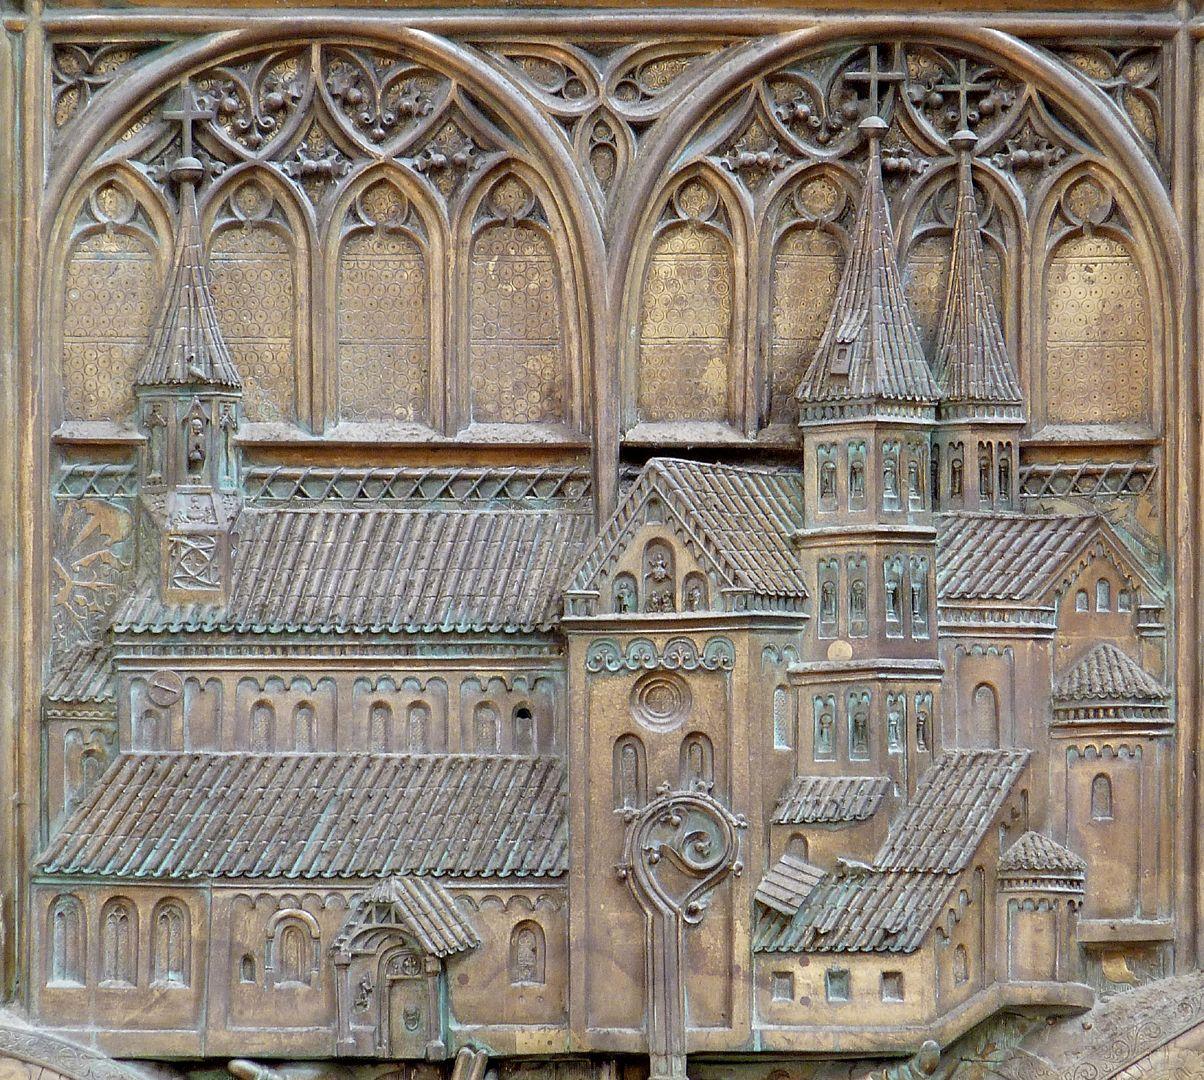 Memorial panel for Hariolf and Erlolf Kirchenmodell vor Blendenpaar